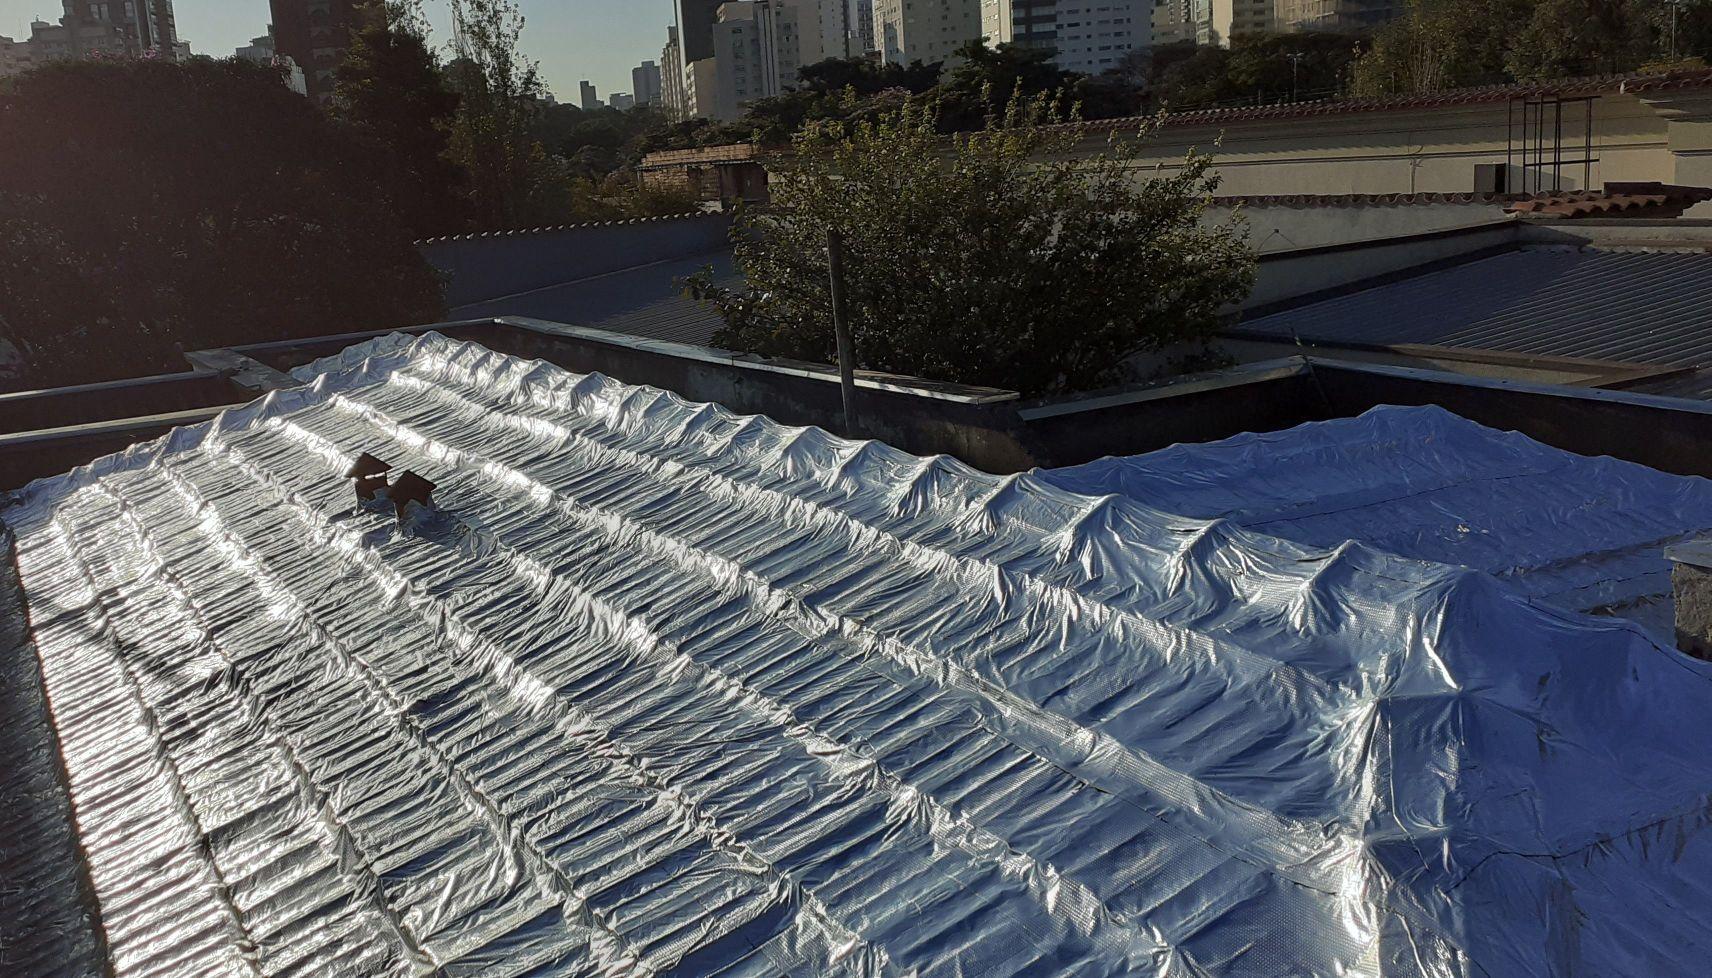 manta telhado